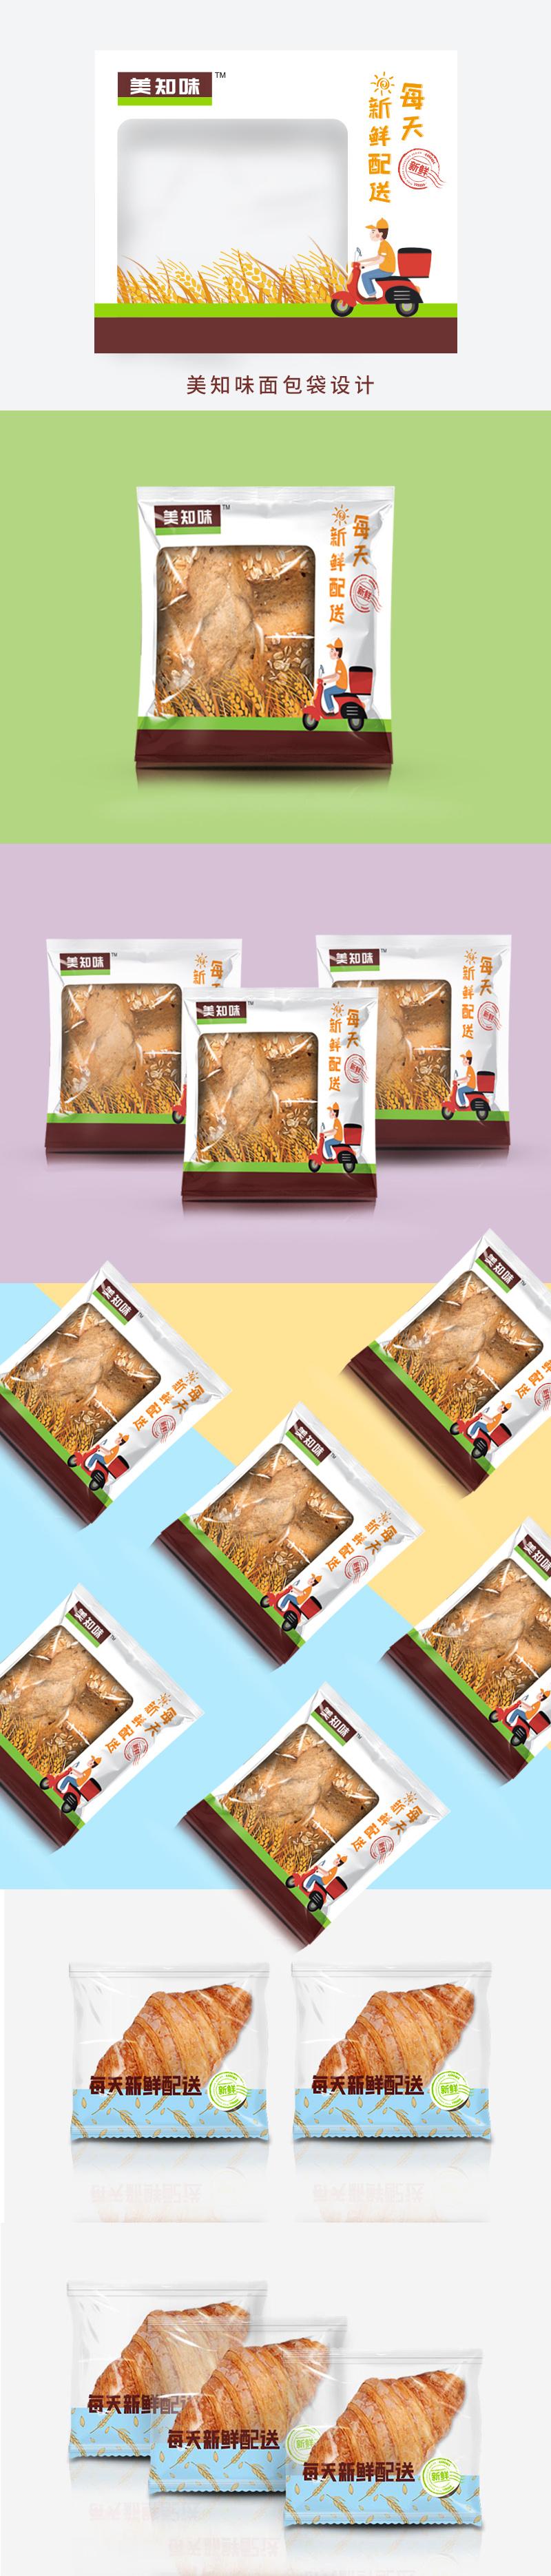 面包包装设计 食品包装设计 饼干包装 糖果包装设计